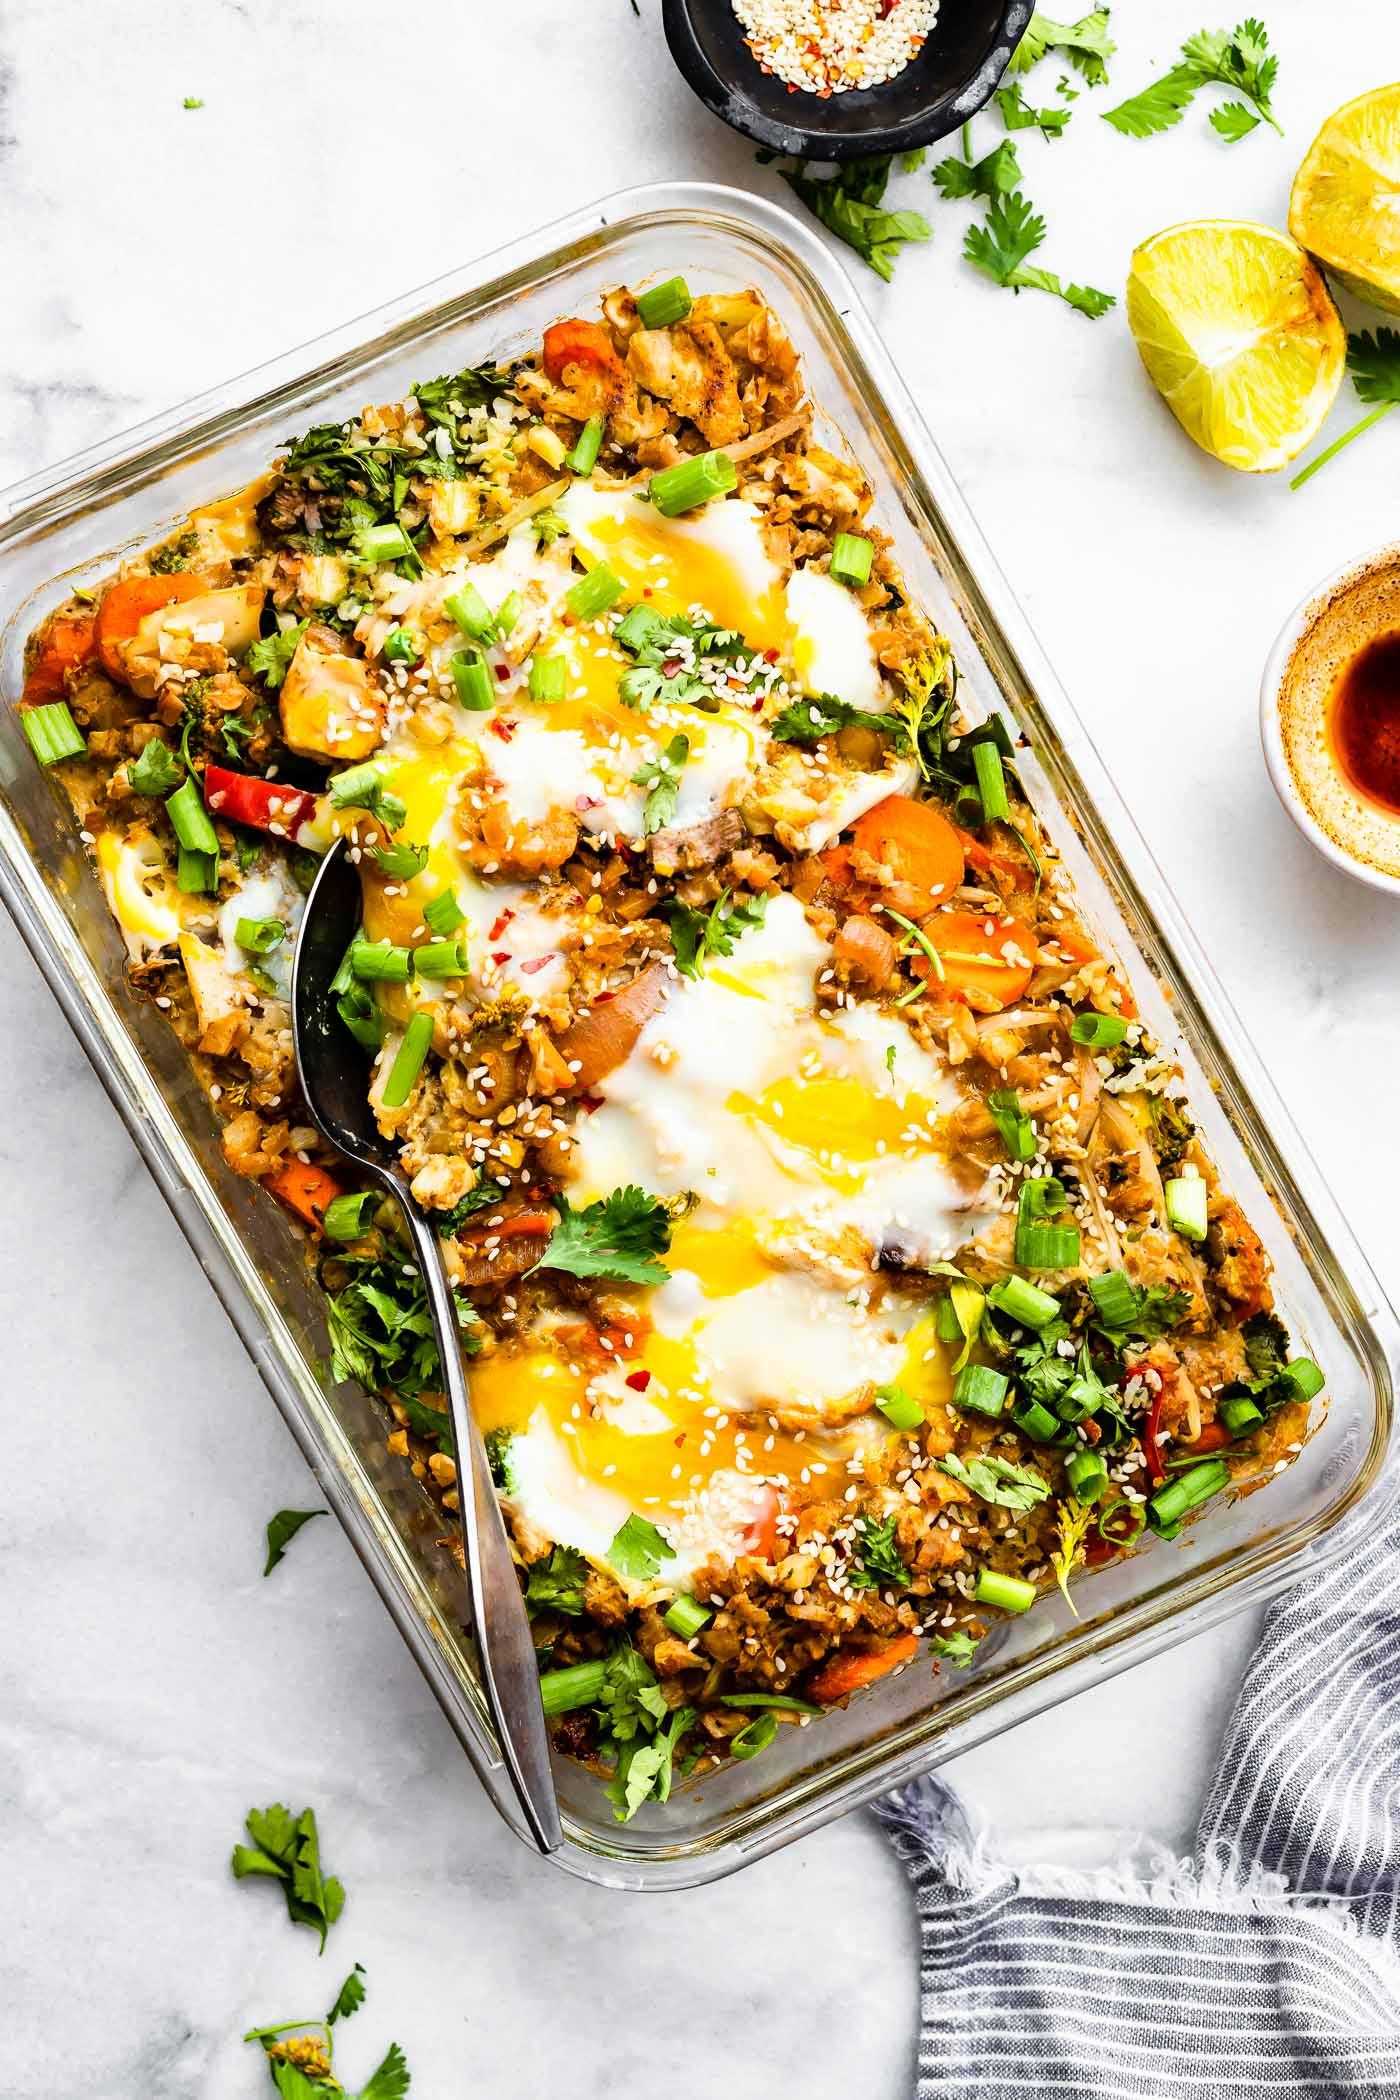 Asian casserole recipe